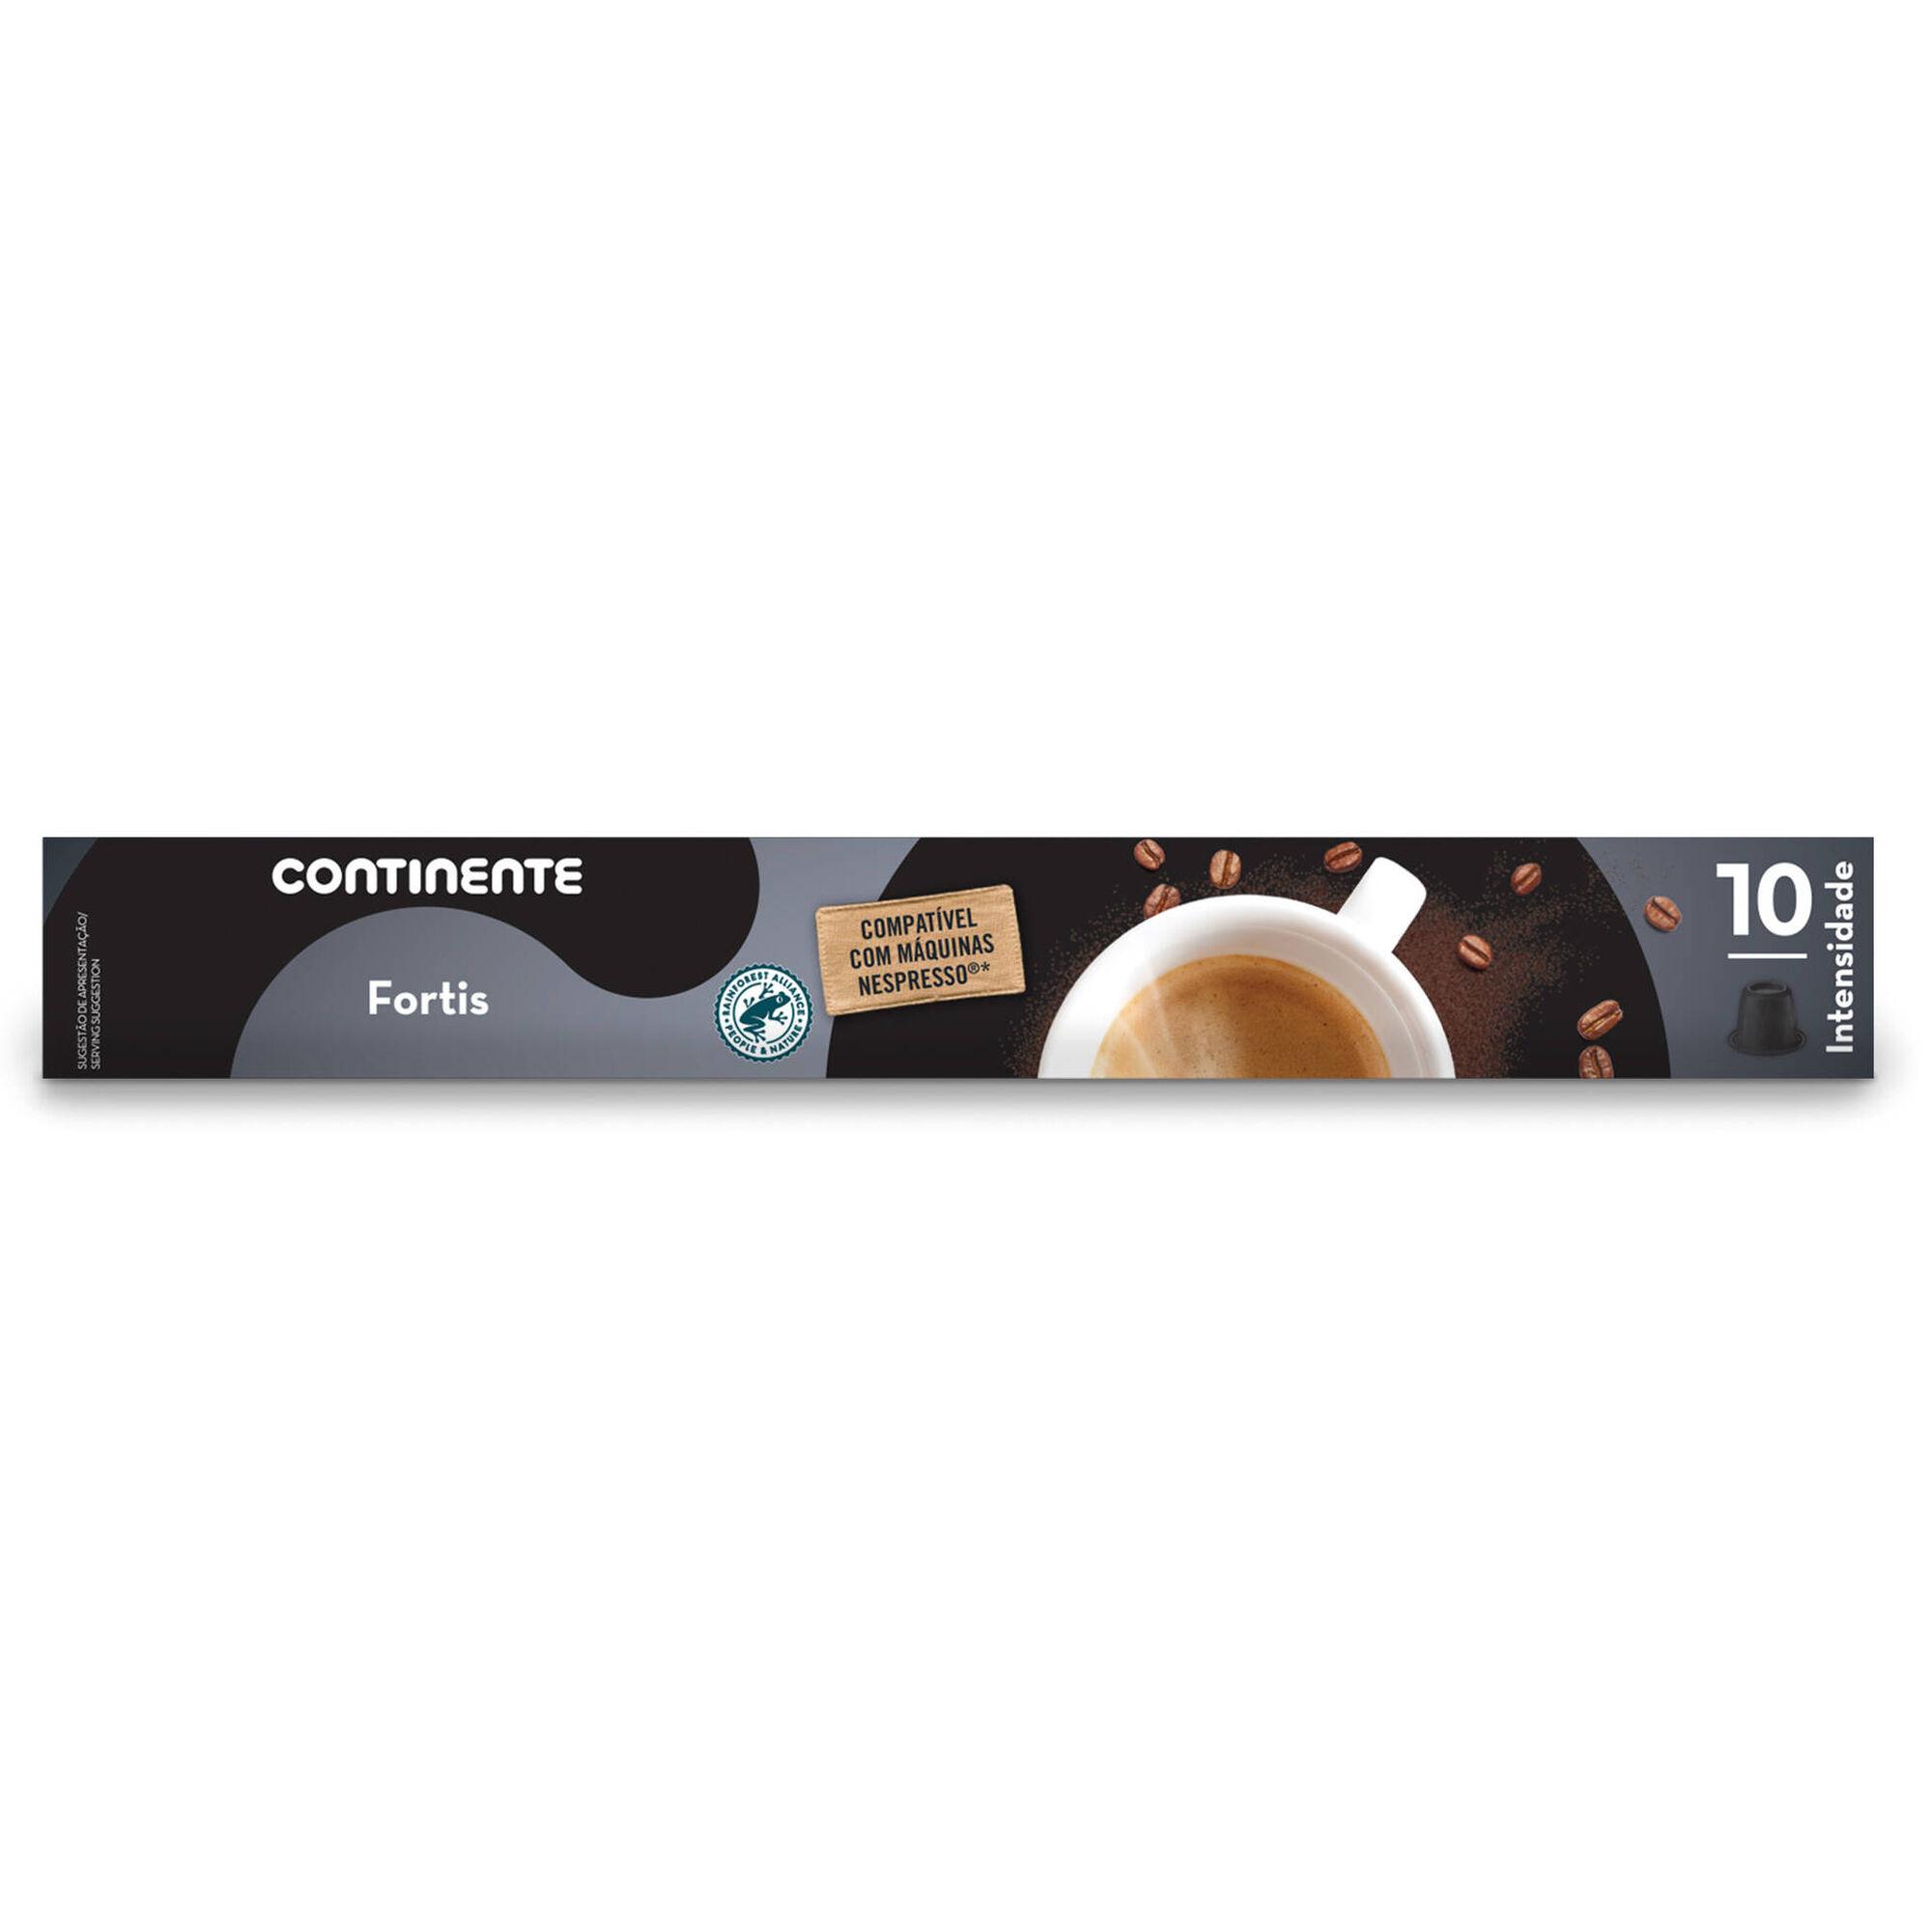 Cápsulas de Café Fortis Compatível com Nespresso Int 10